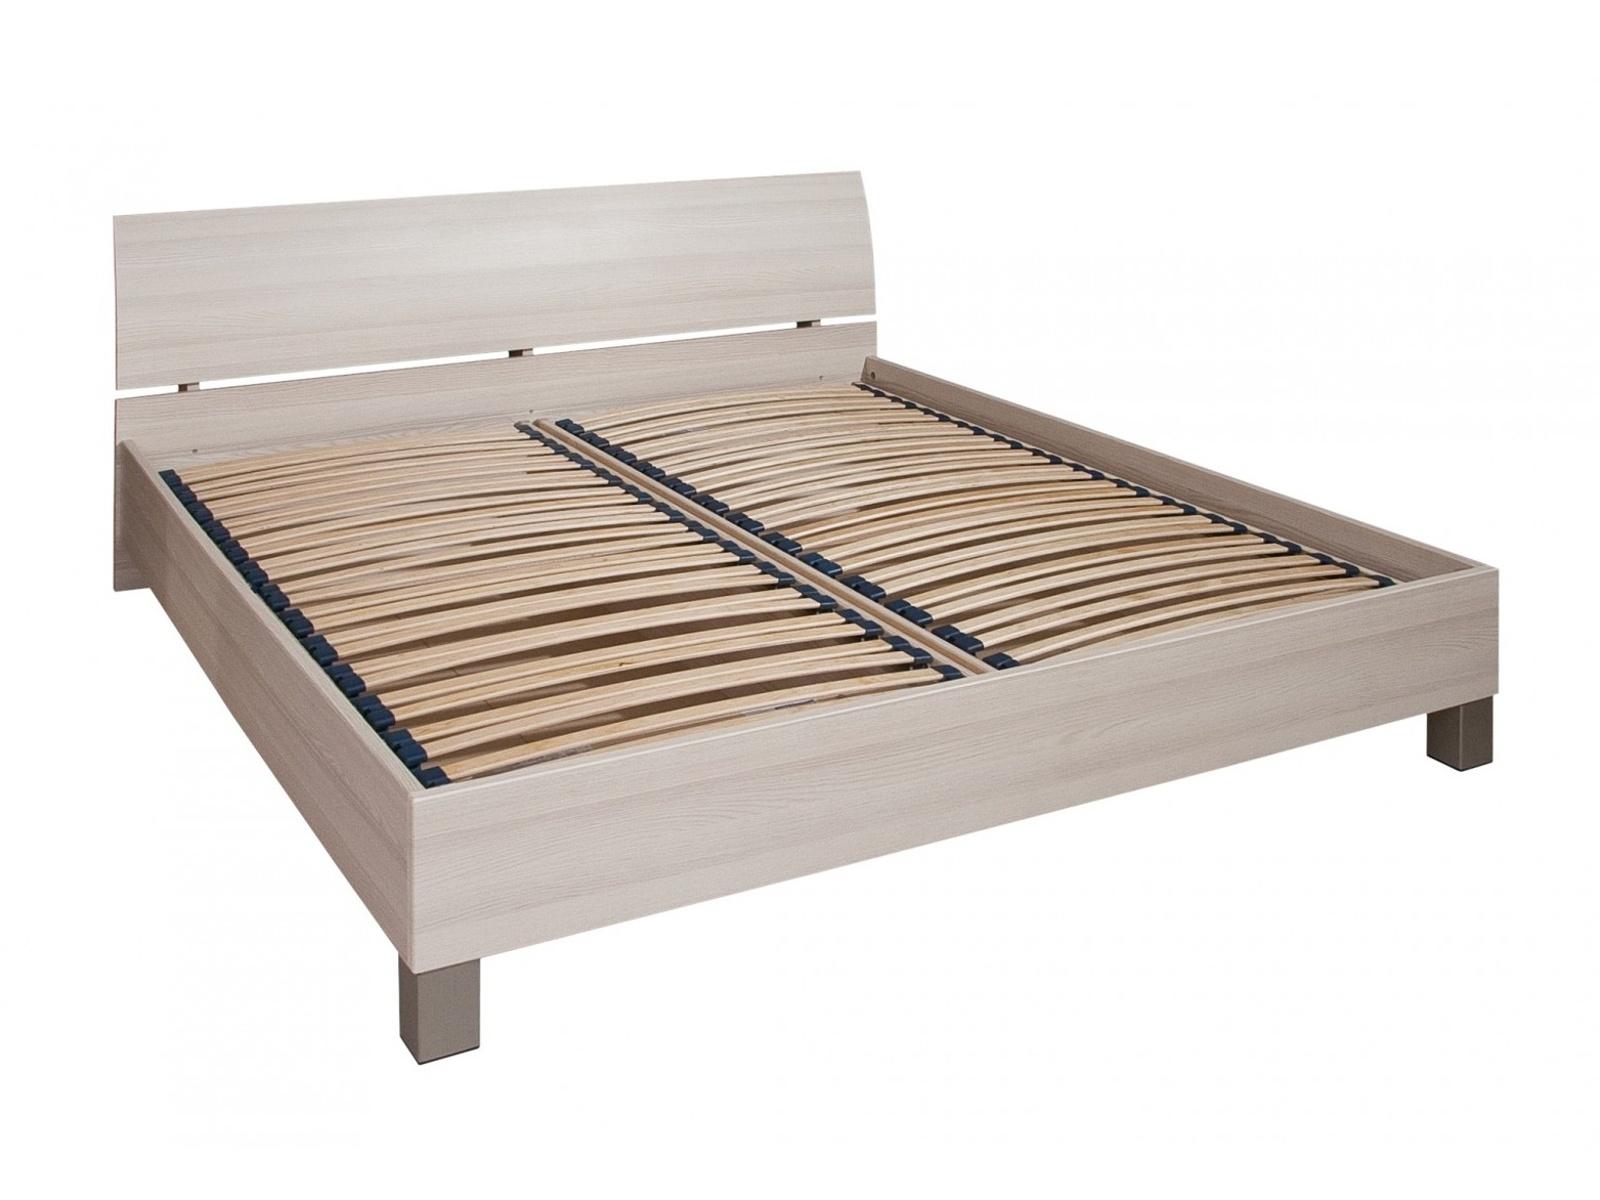 Decodom CASSONOVA typ 04-P-OH-180 postel s rošty a úložnými prostory, jasan coimbra